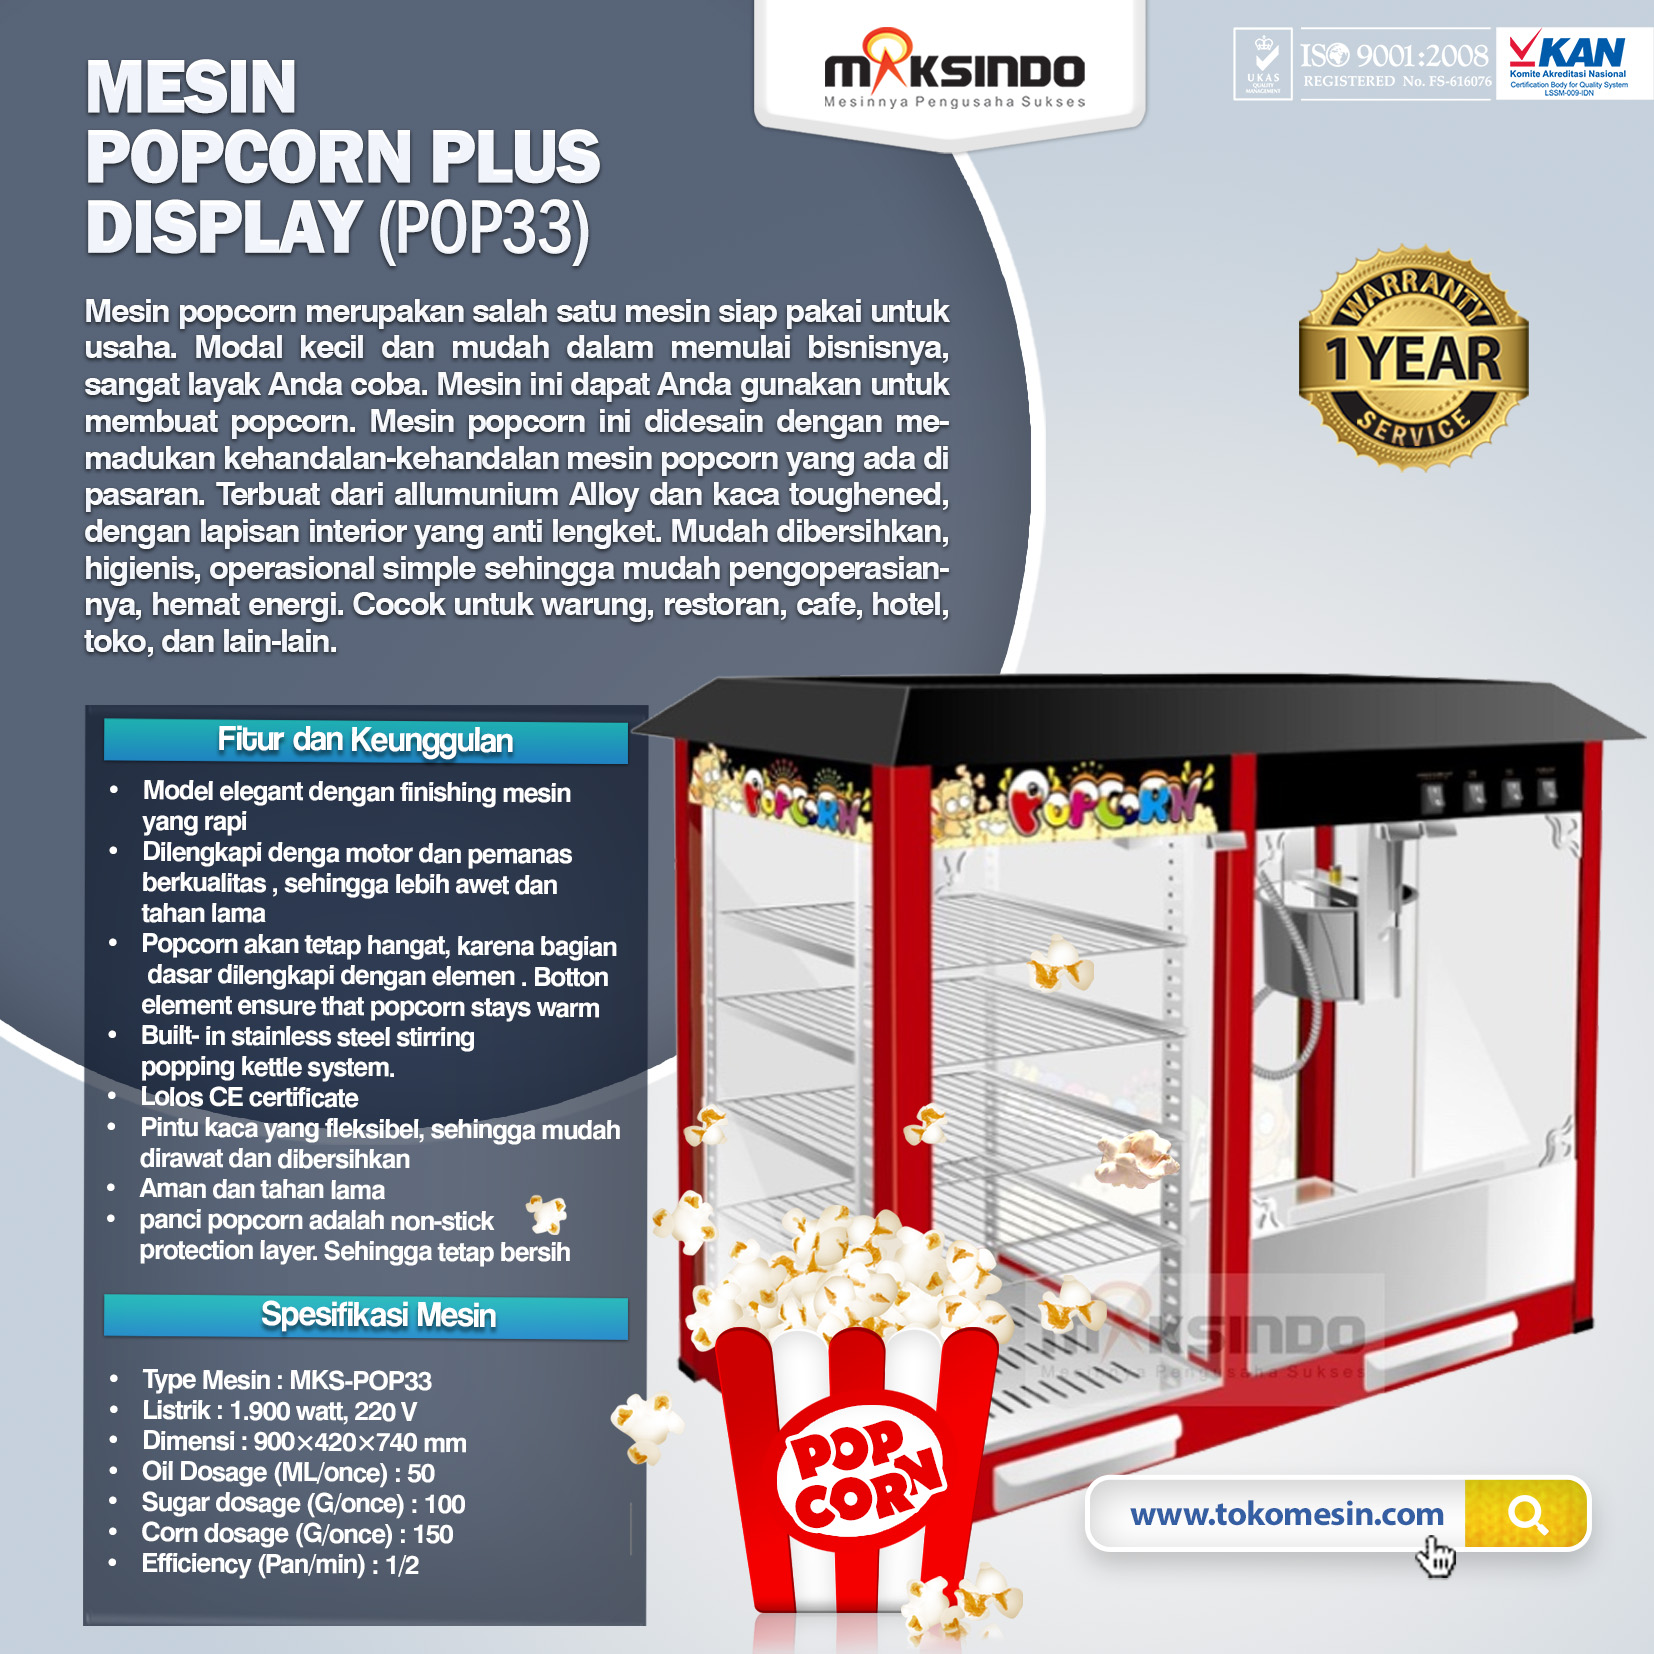 Jual Mesin Popcorn Plus Display (POP33) di Palembang